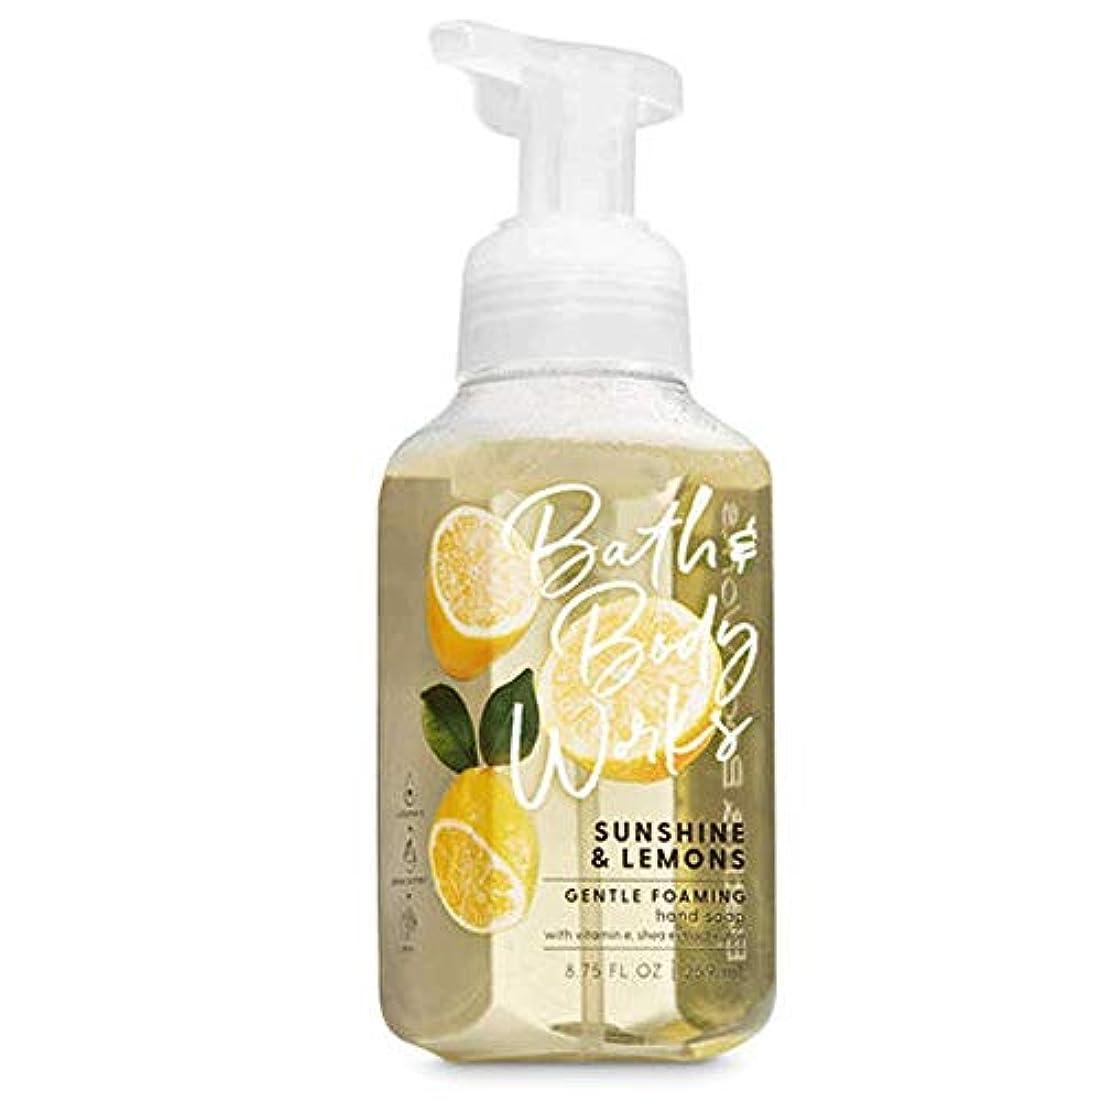 モニカ期待受信バス&ボディワークス サンシャインレモン ジェントル フォーミング ハンドソープ Sunshine & Lemons Gentle Foaming Hand Soap